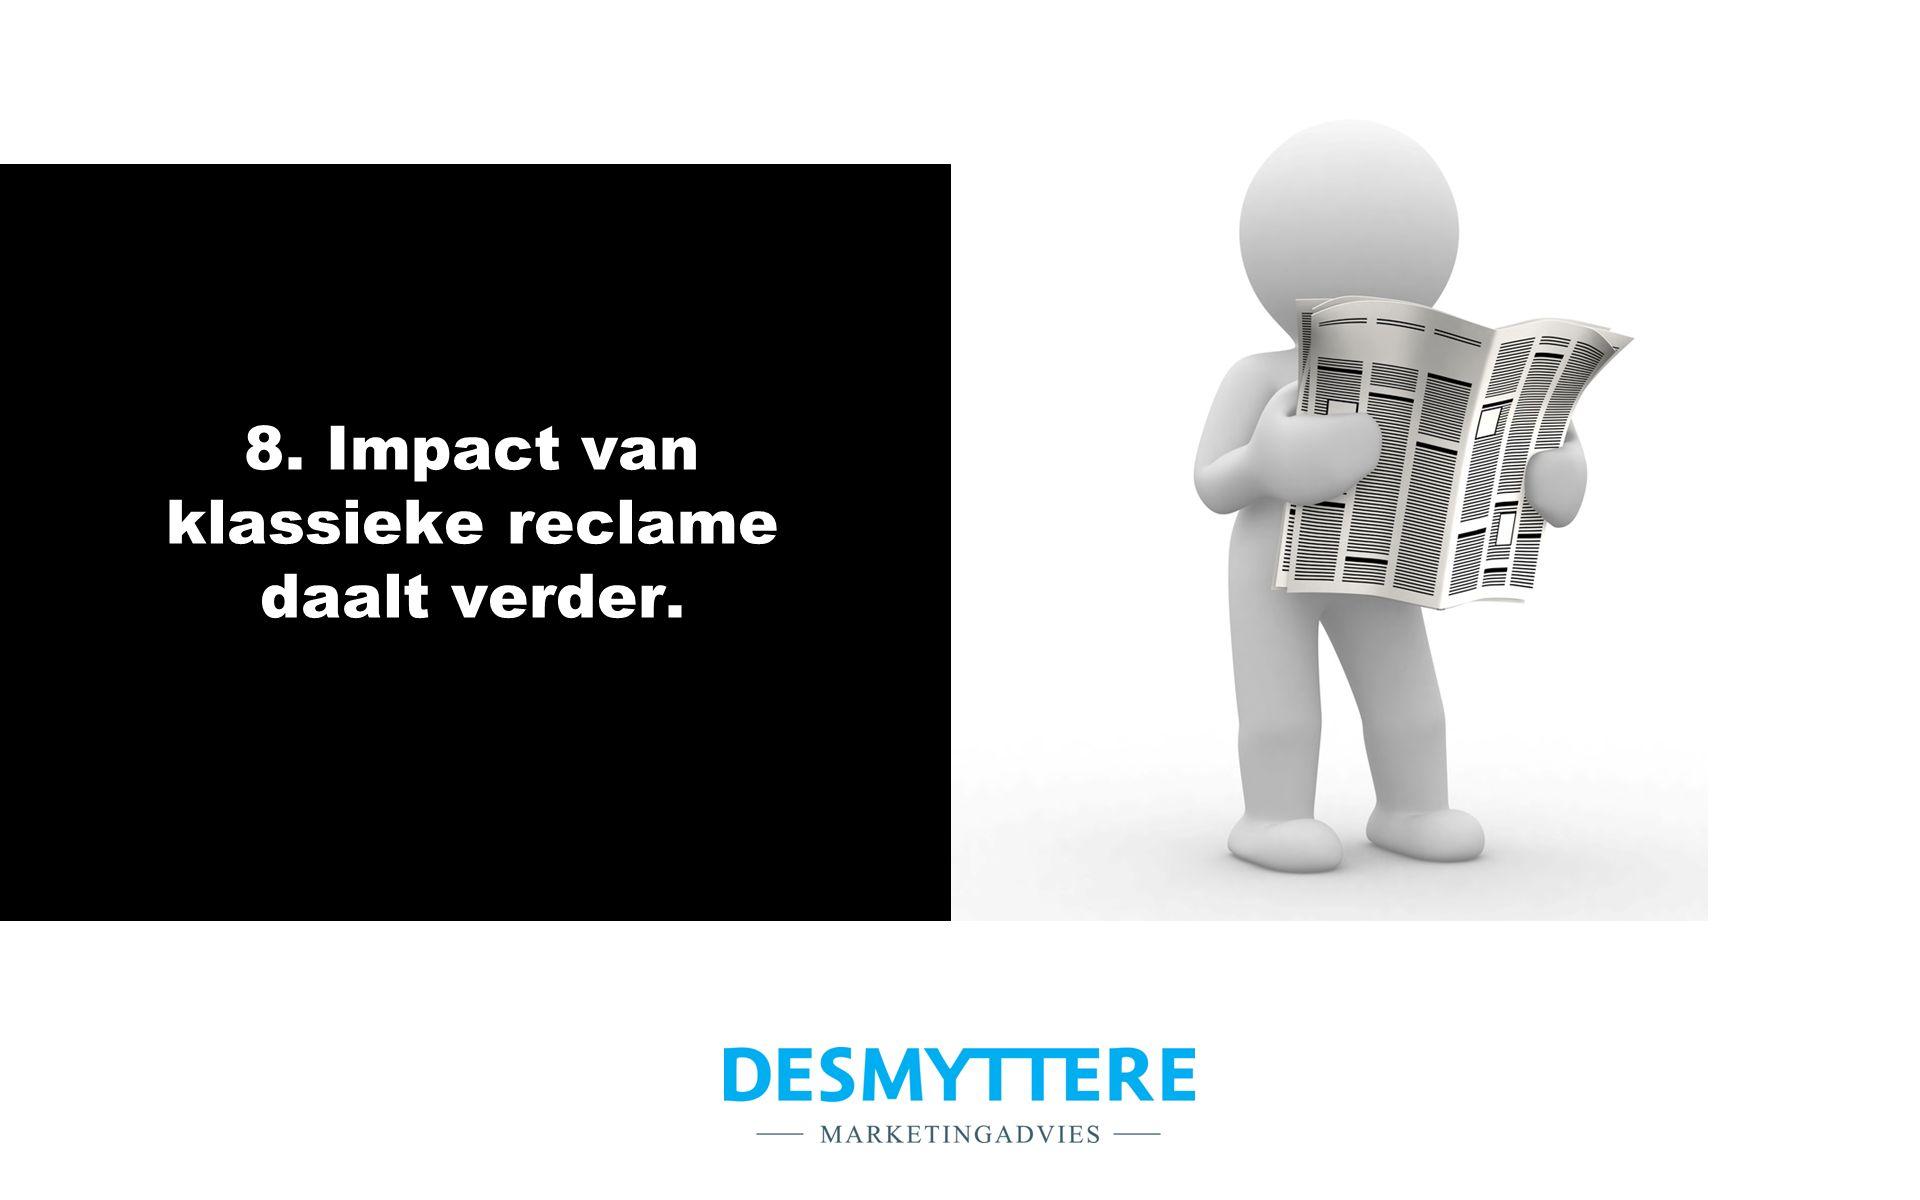 8. Impact van klassieke reclame daalt verder.